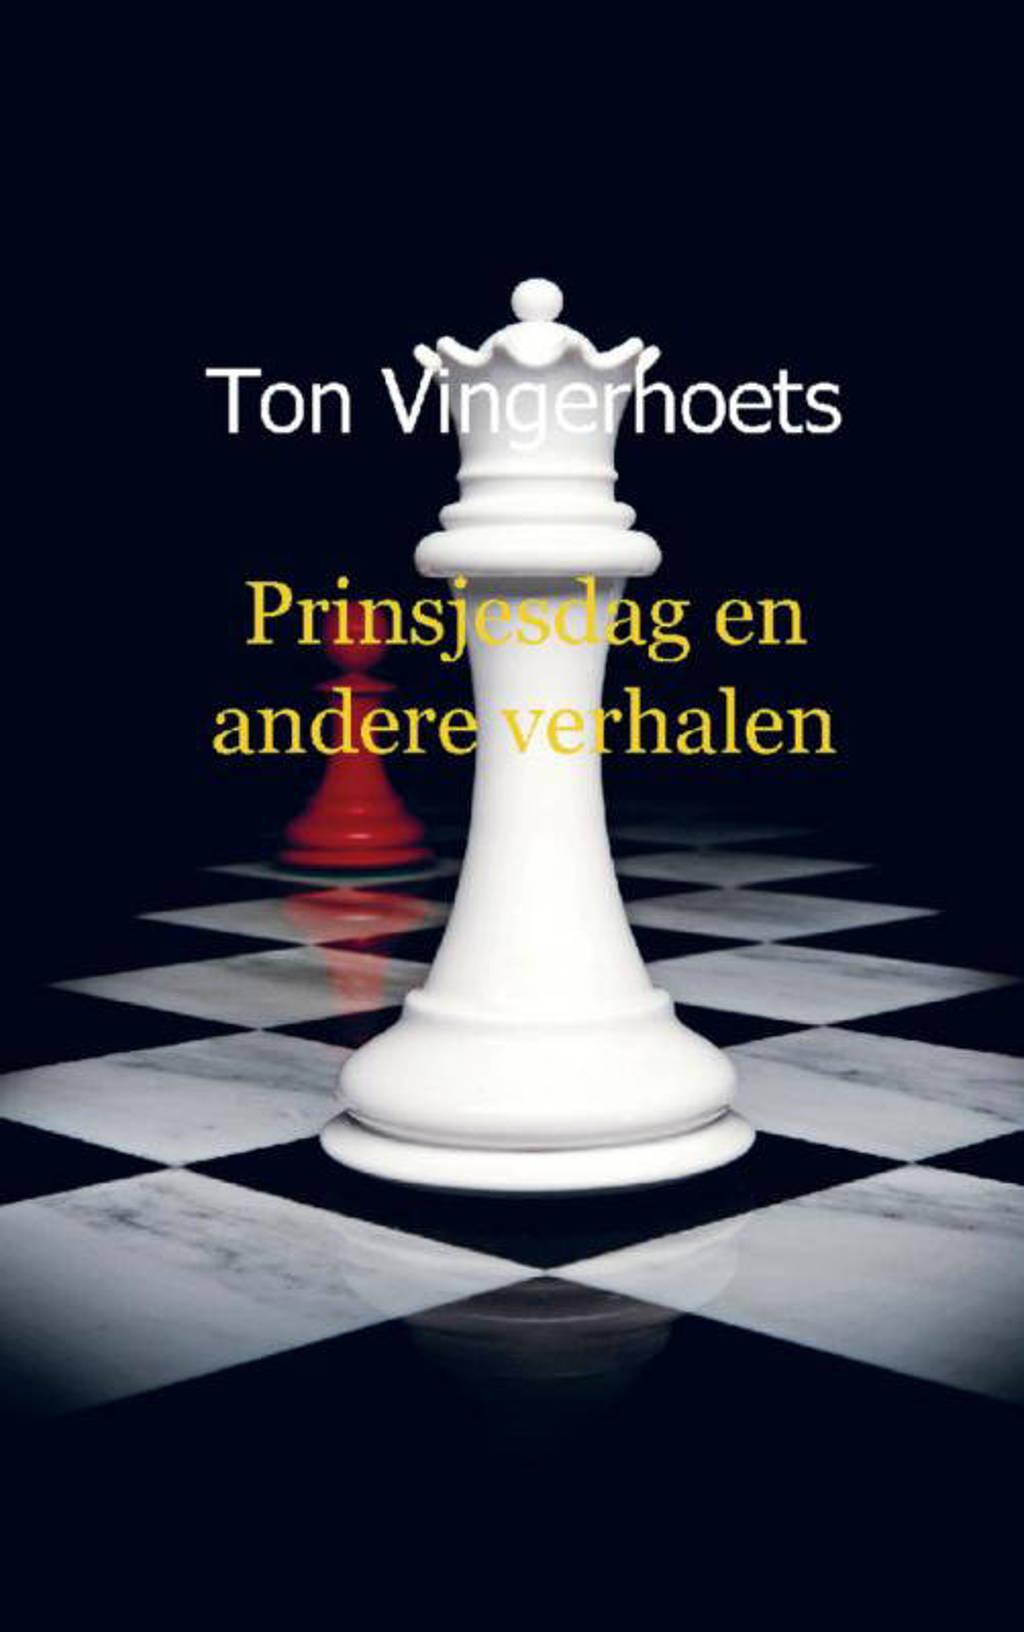 Prinsjesdag en andere verhalen - Ton Vingerhoets